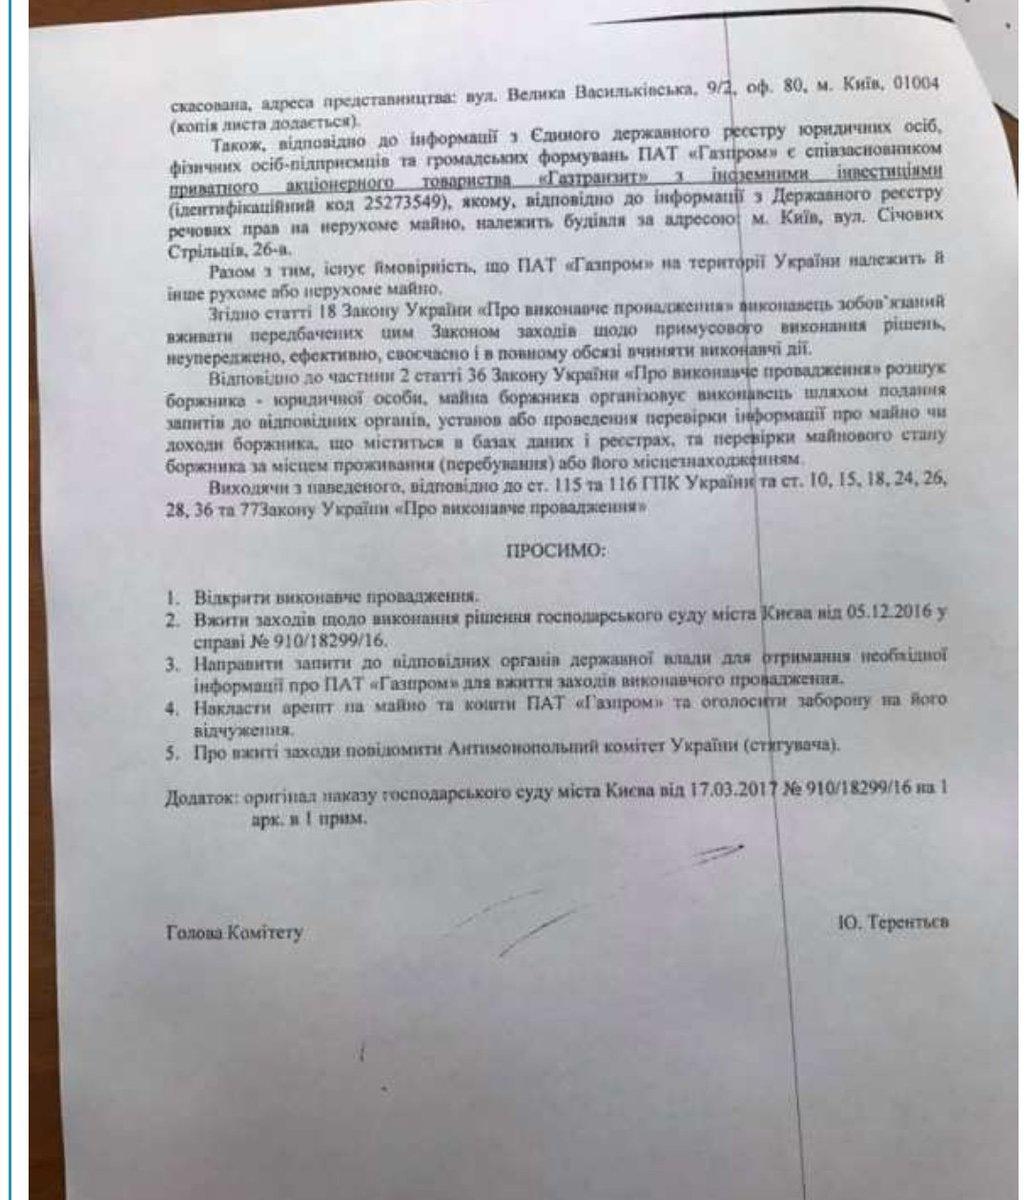 Заявление в службу судебных приставов о принятии исполнительного листа